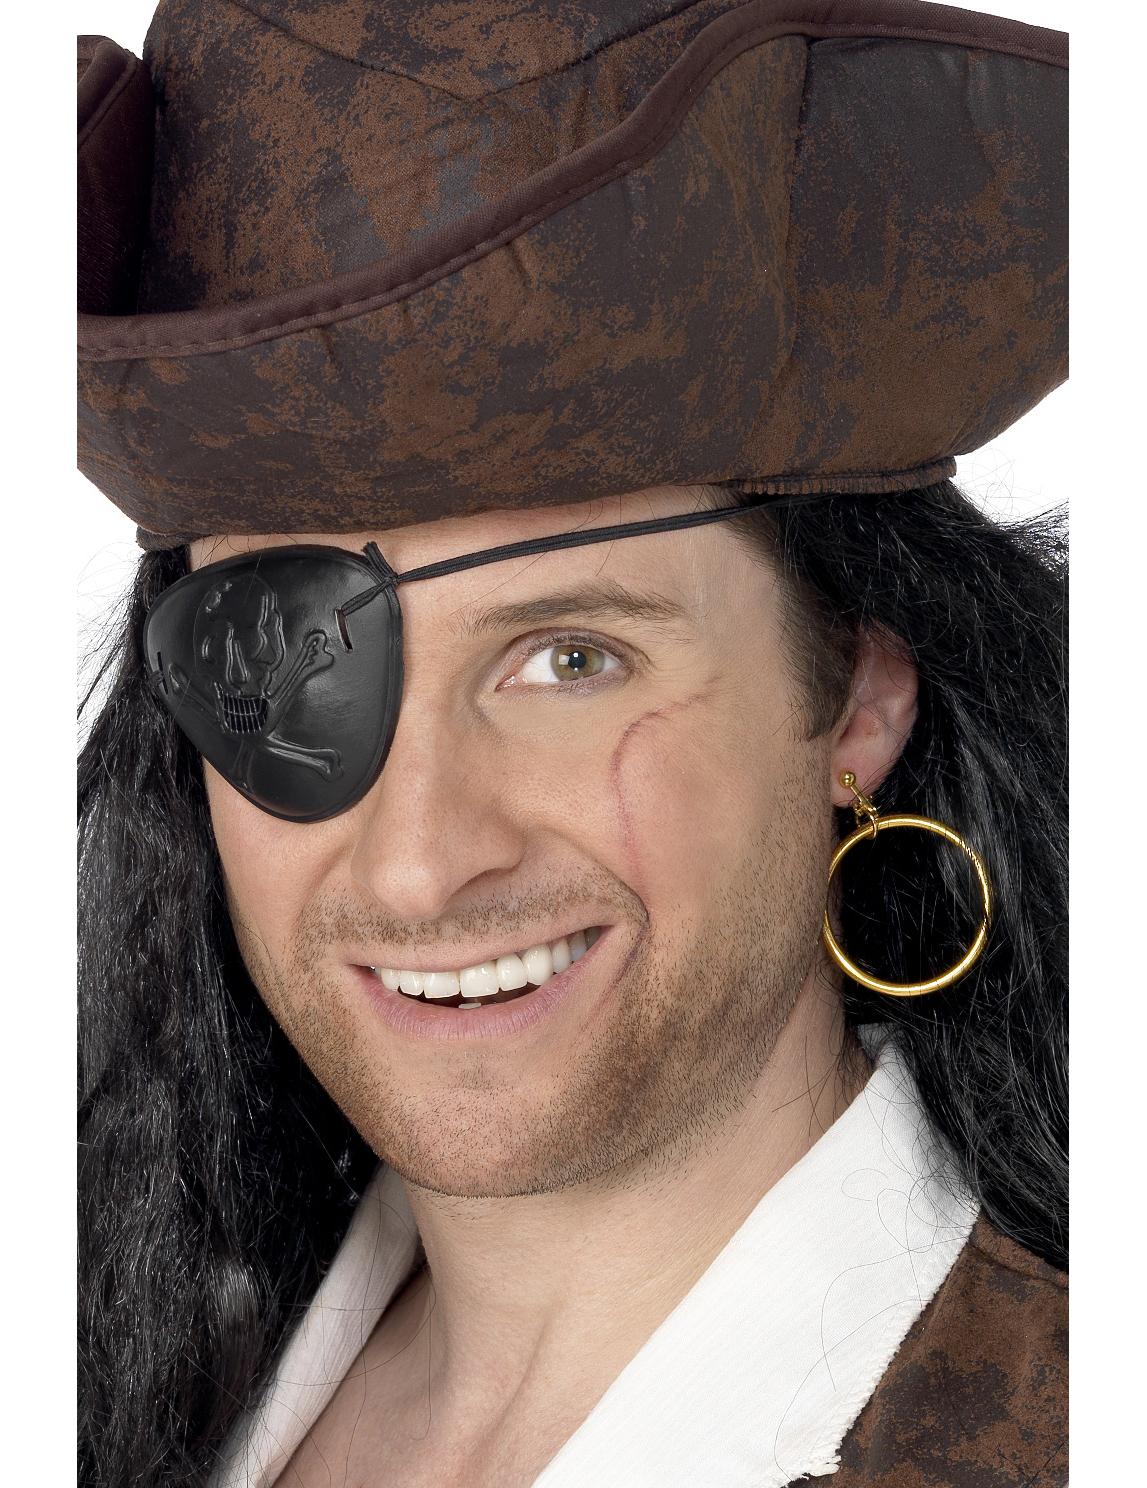 Boucle d 39 oreille et cache oeil pirate - Poussette de boucle d oreille ...